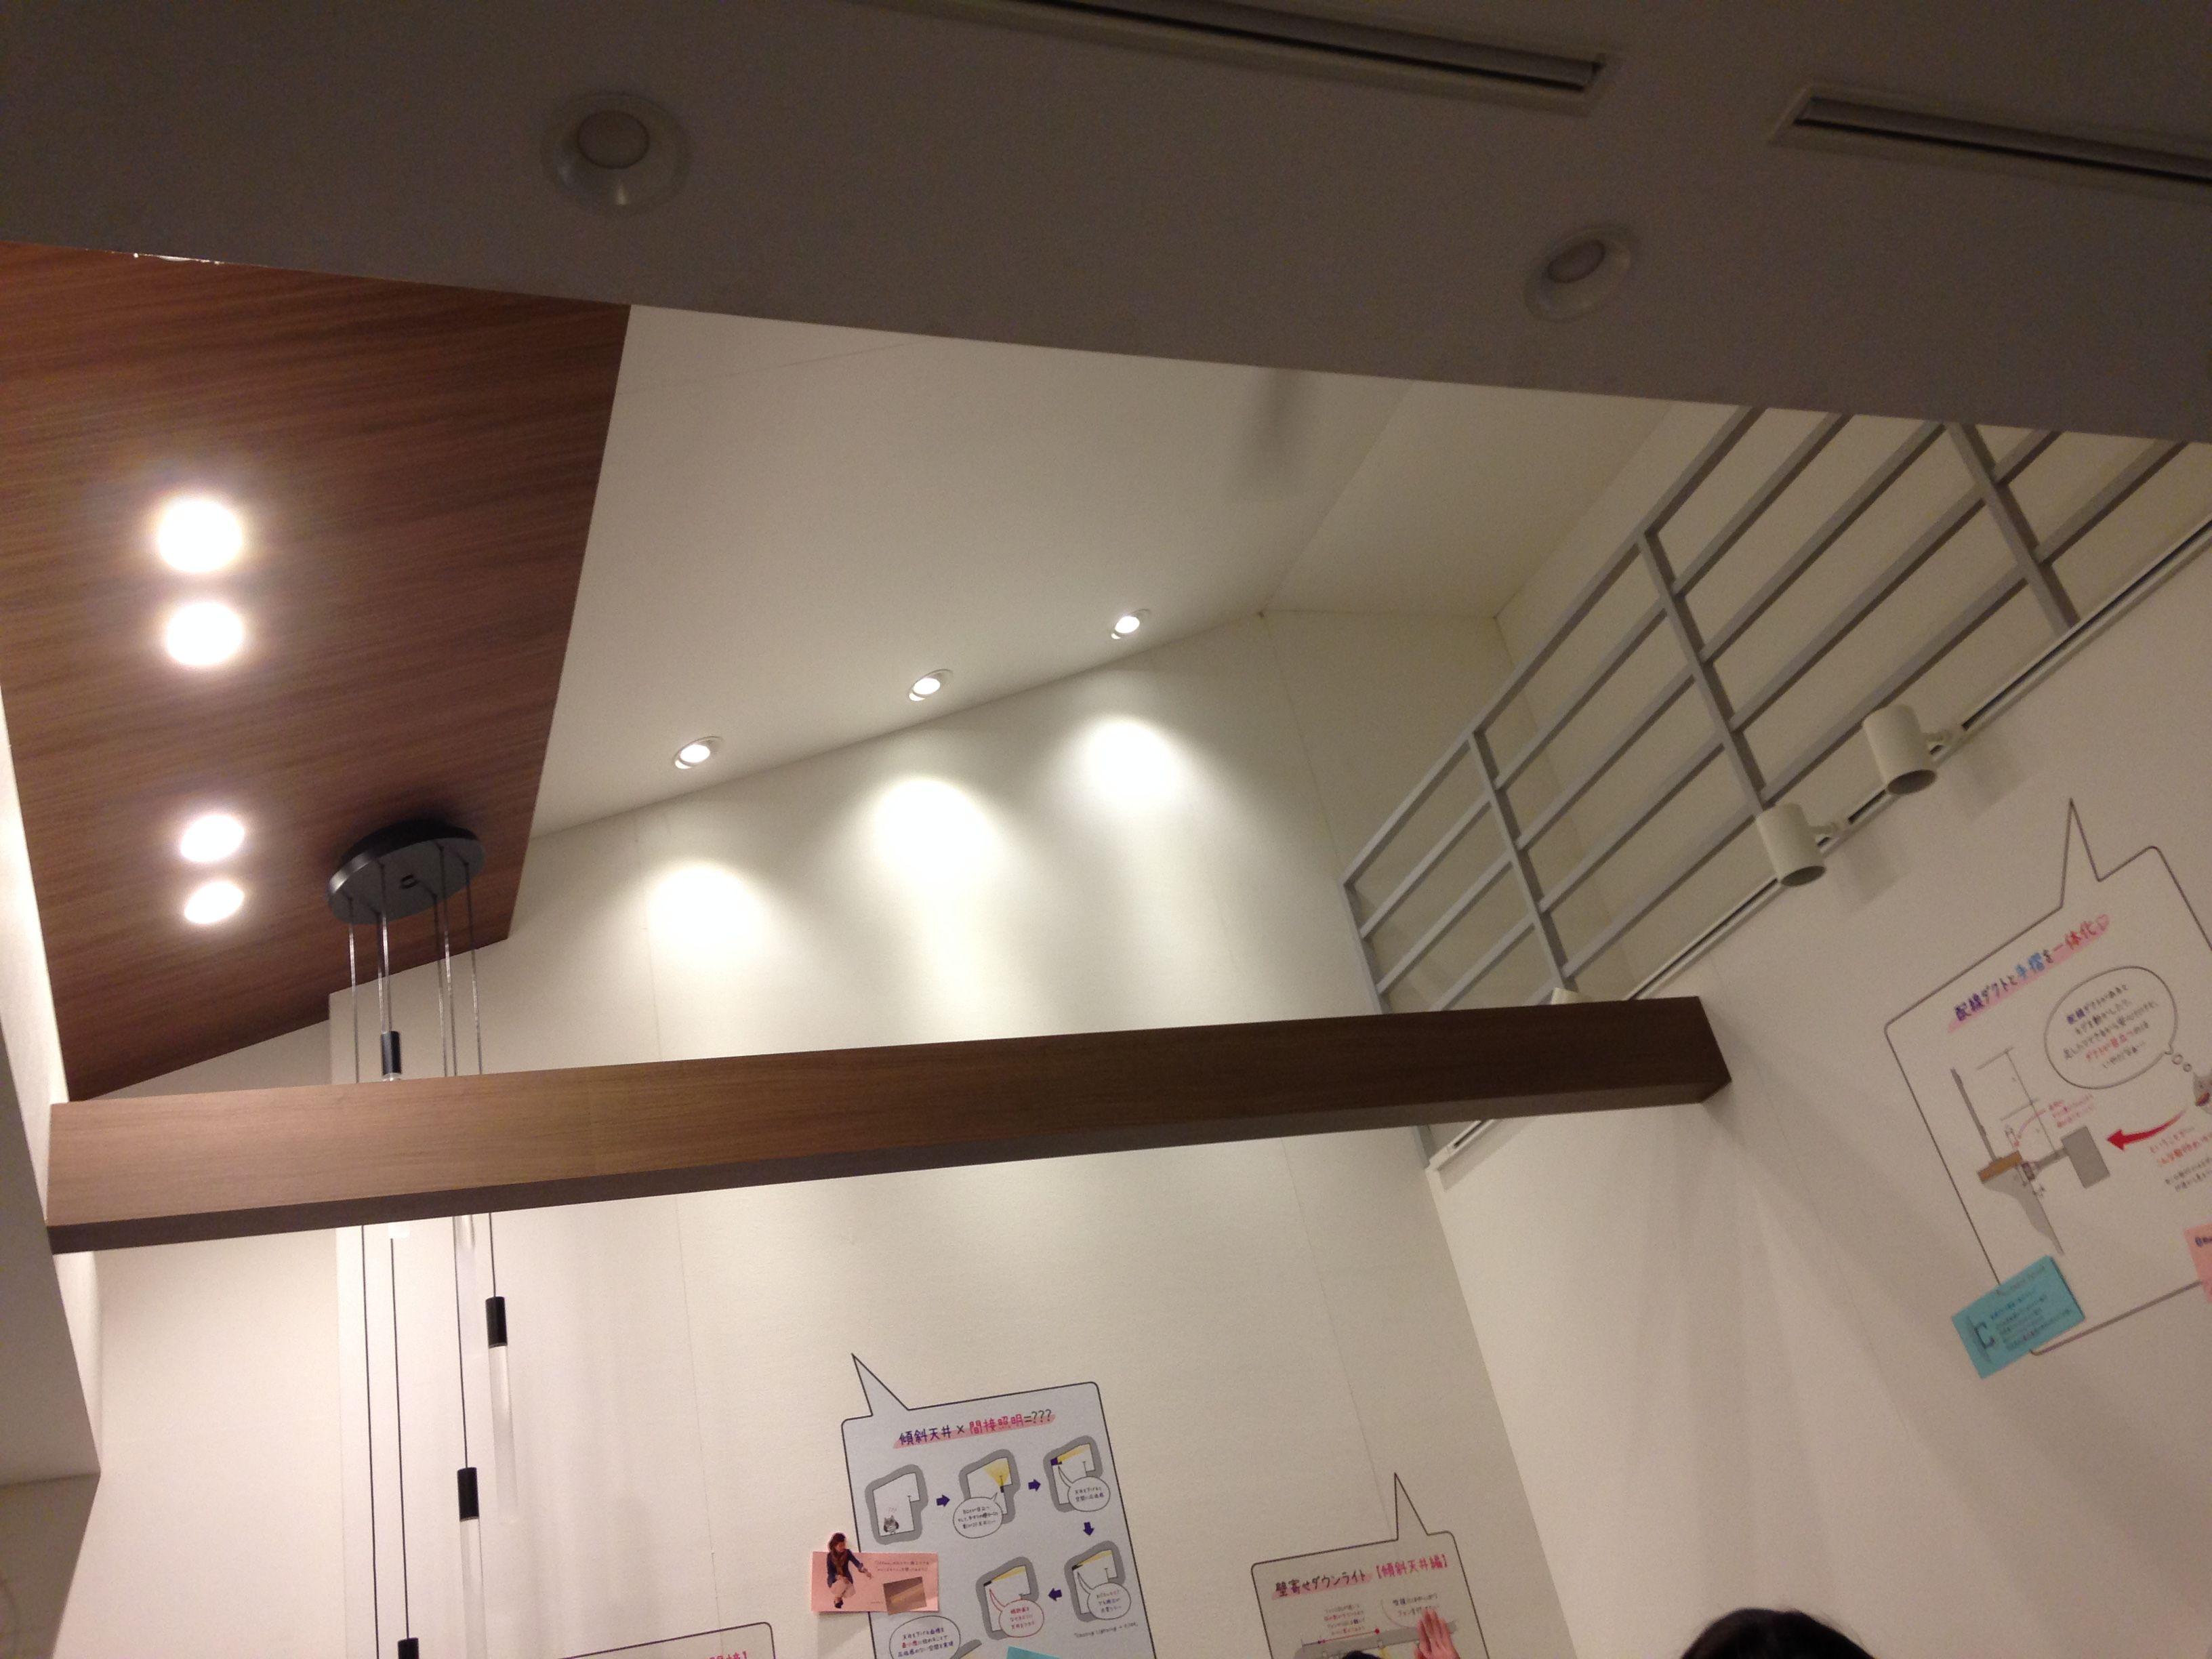 高天井 勾配天井 ダウンライト の画像検索結果 ダウンライト 天井